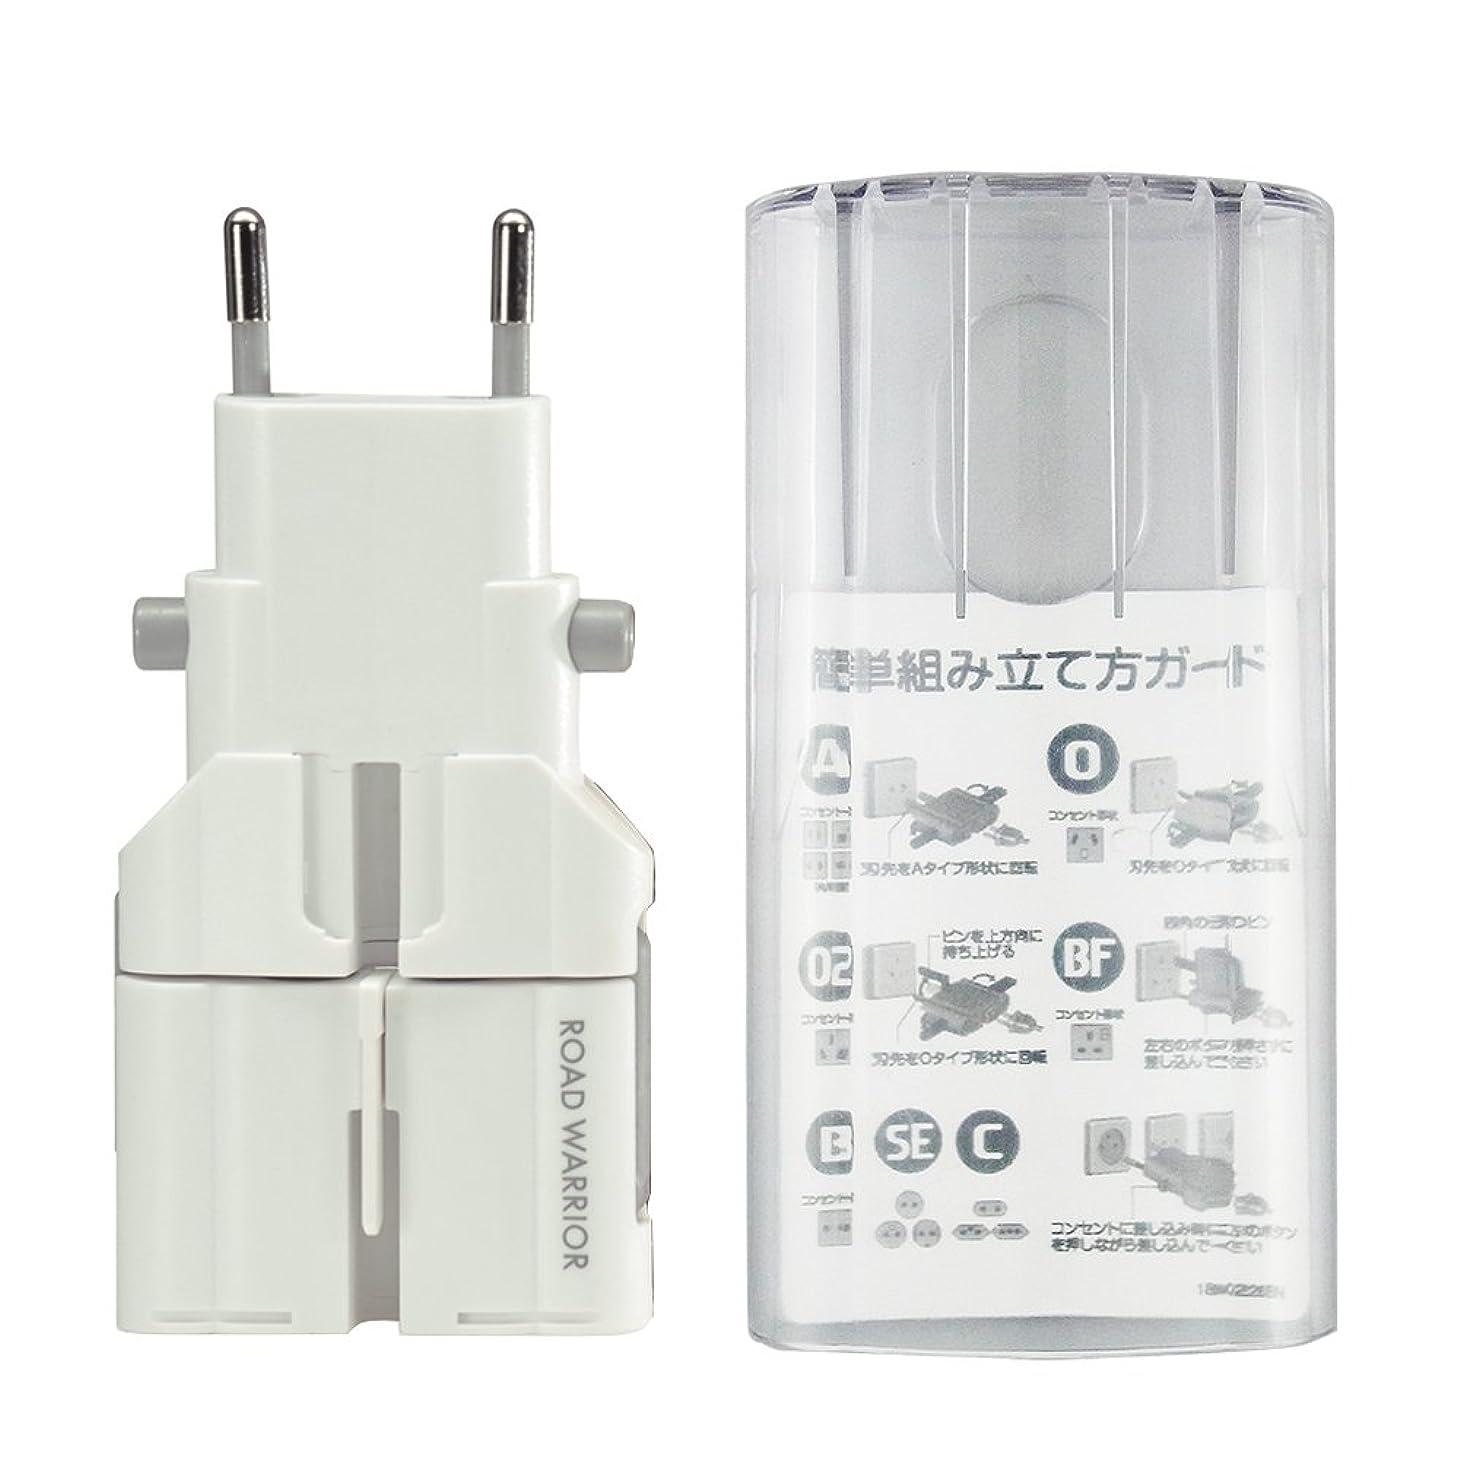 装備する八百屋さん販売員デバイスネット マルチ電源変換プラグ ゴーコン 専用ケース付 RW75WH/S ホワイト